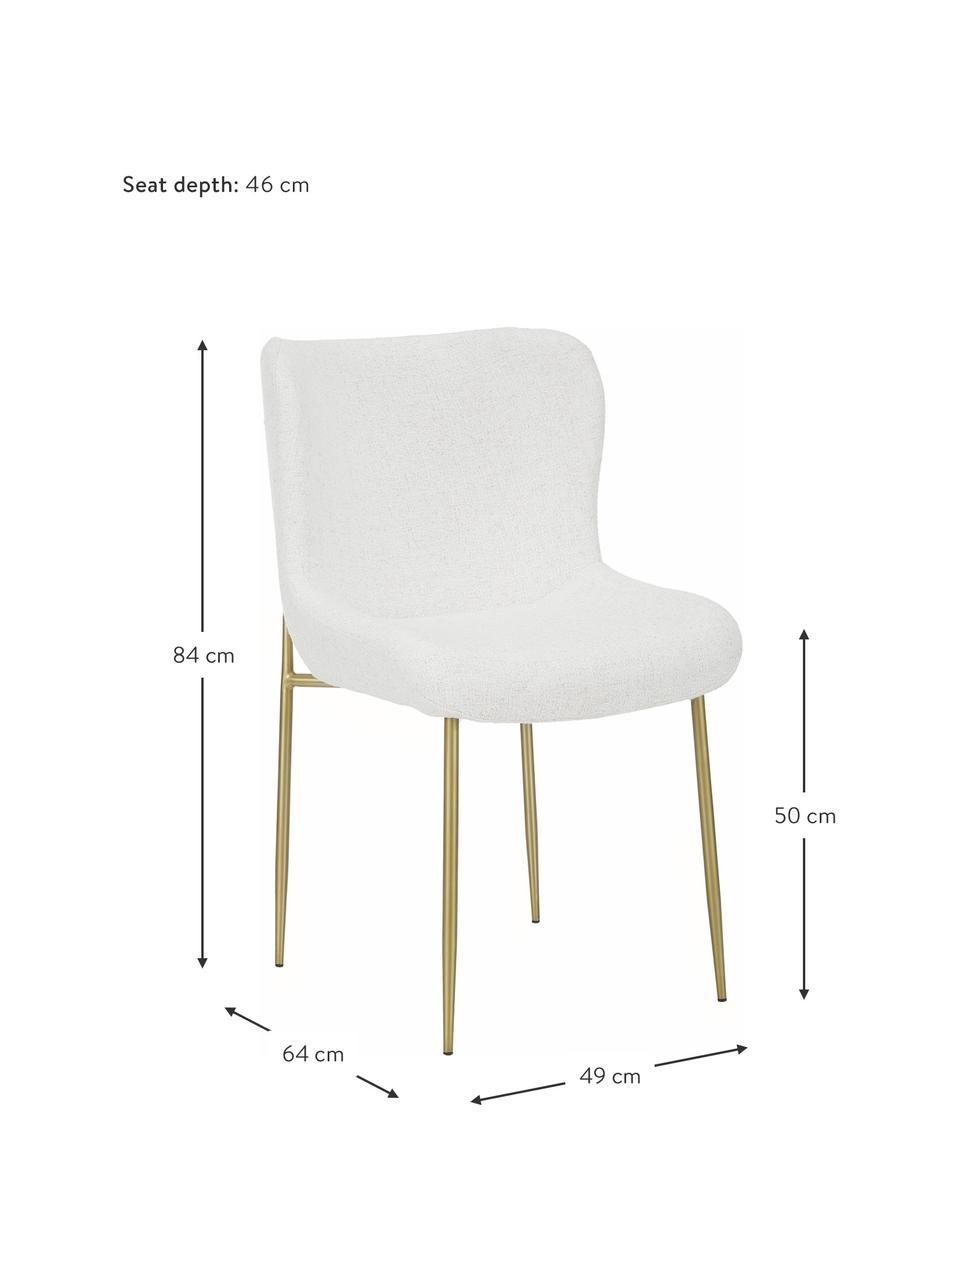 Chaise tissu bouclé rembourrée Tess, En tissu bouclé blanc crème, pieds or